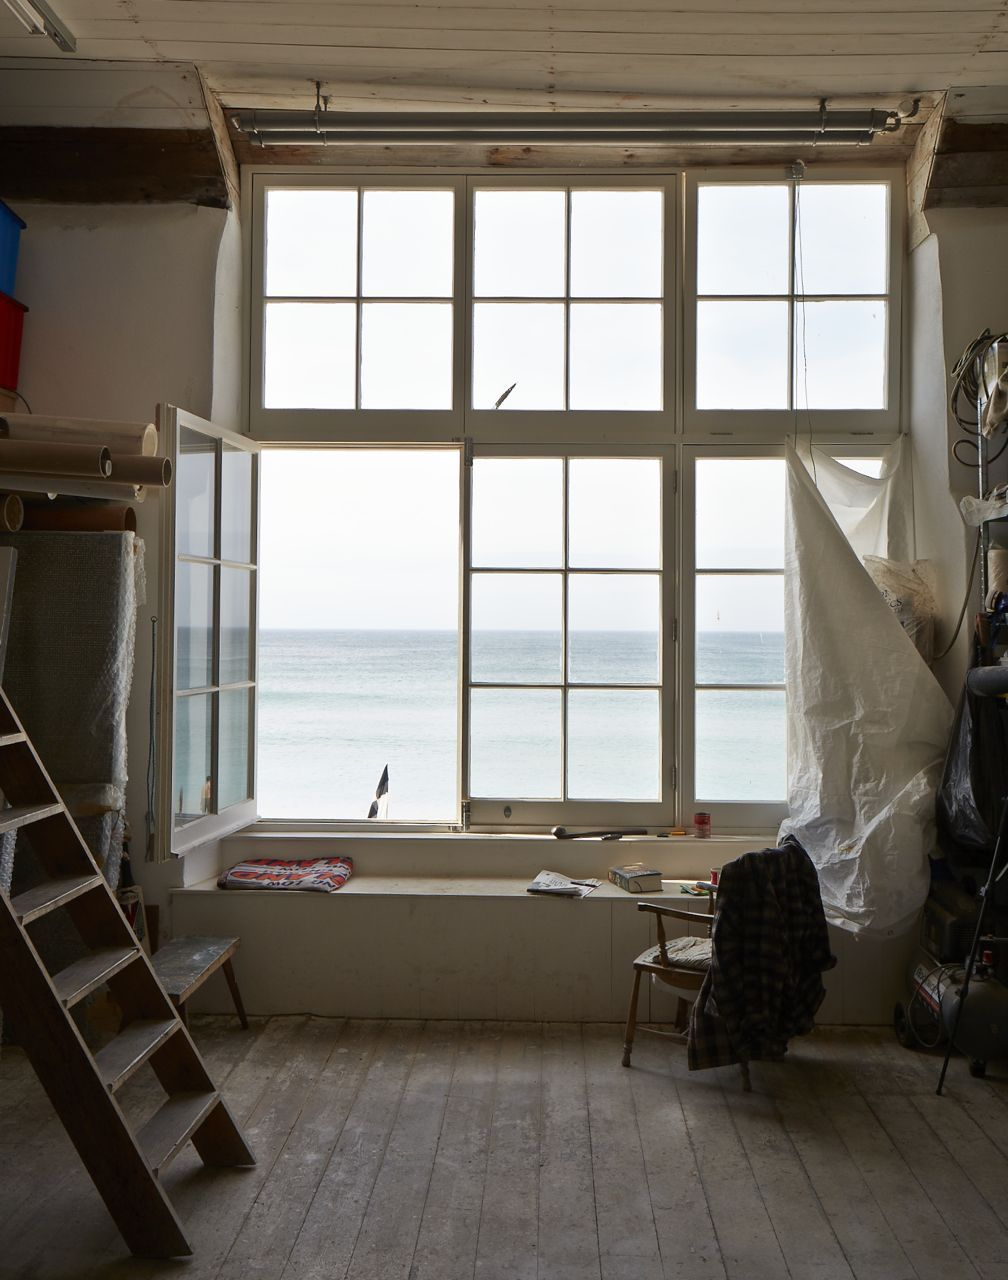 les 25 meilleures id es de la cat gorie location studio particulier sur pinterest jeux mickey. Black Bedroom Furniture Sets. Home Design Ideas